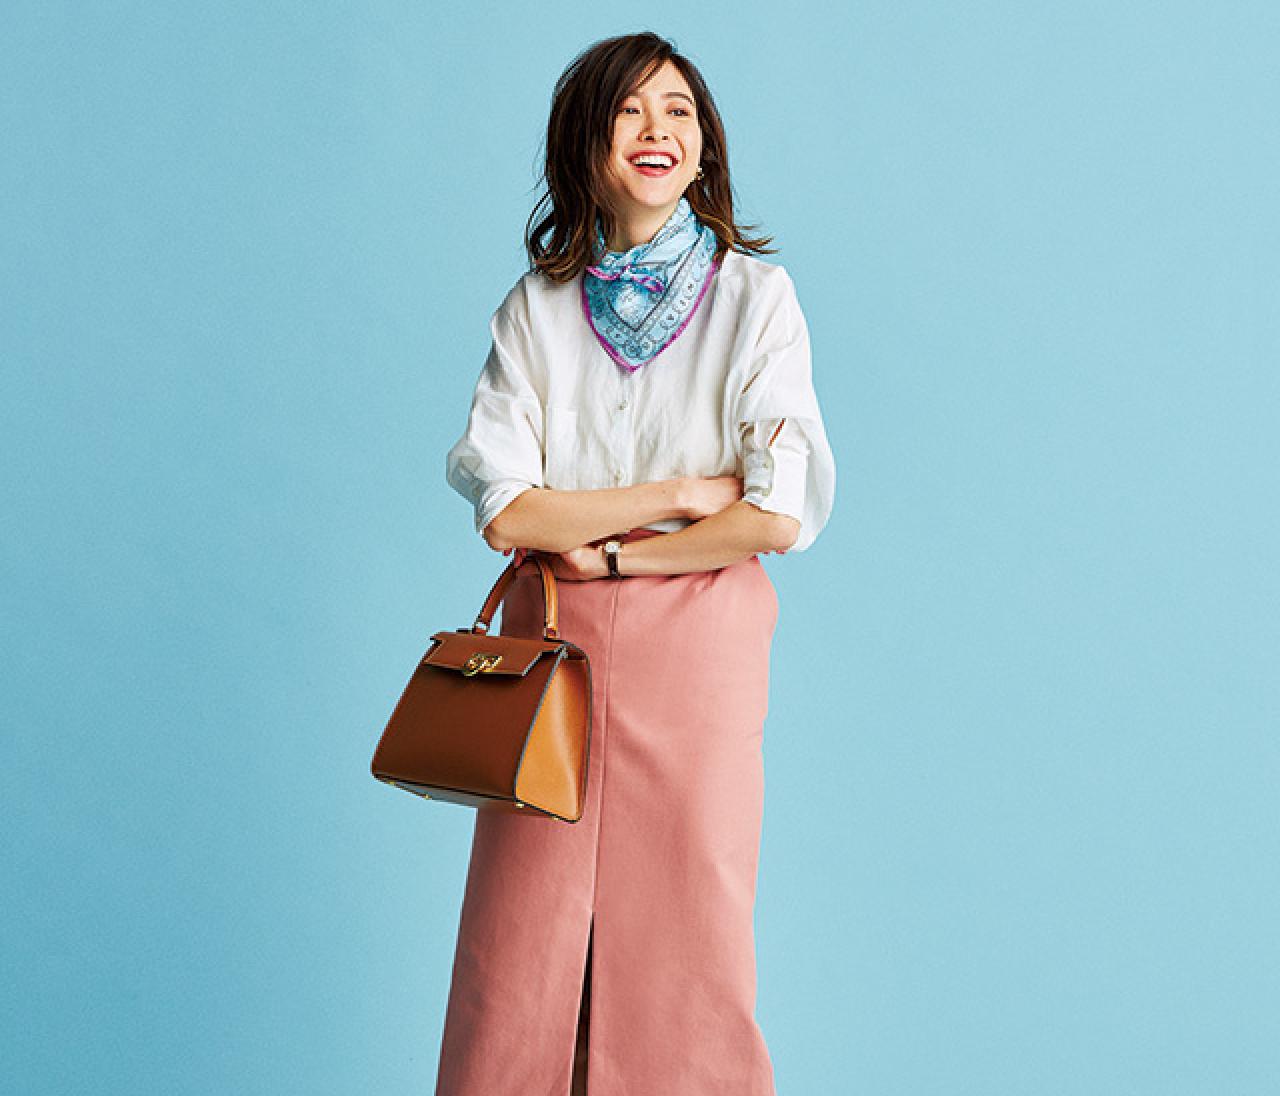 いつものシャツ×スカートコーデも、春色を使って鮮度アップ♡